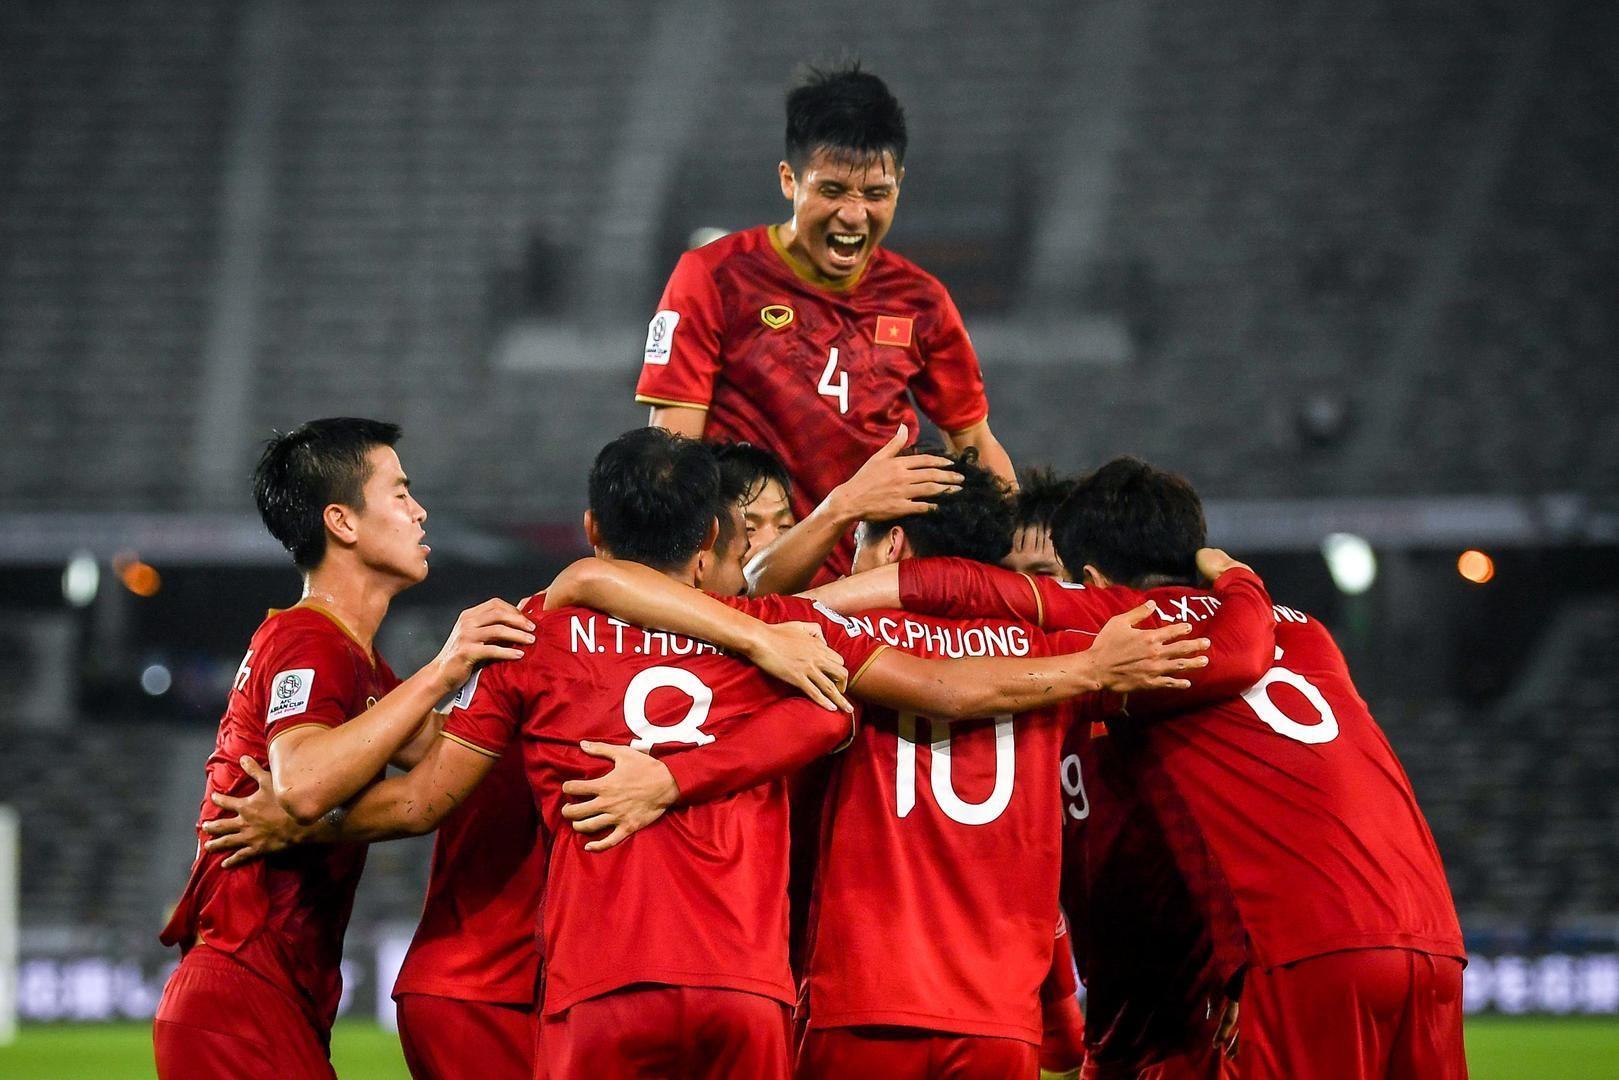 國足對手越南隊為確保主場作戰,將向亞足聯租借VAR設備- 新聞百分百